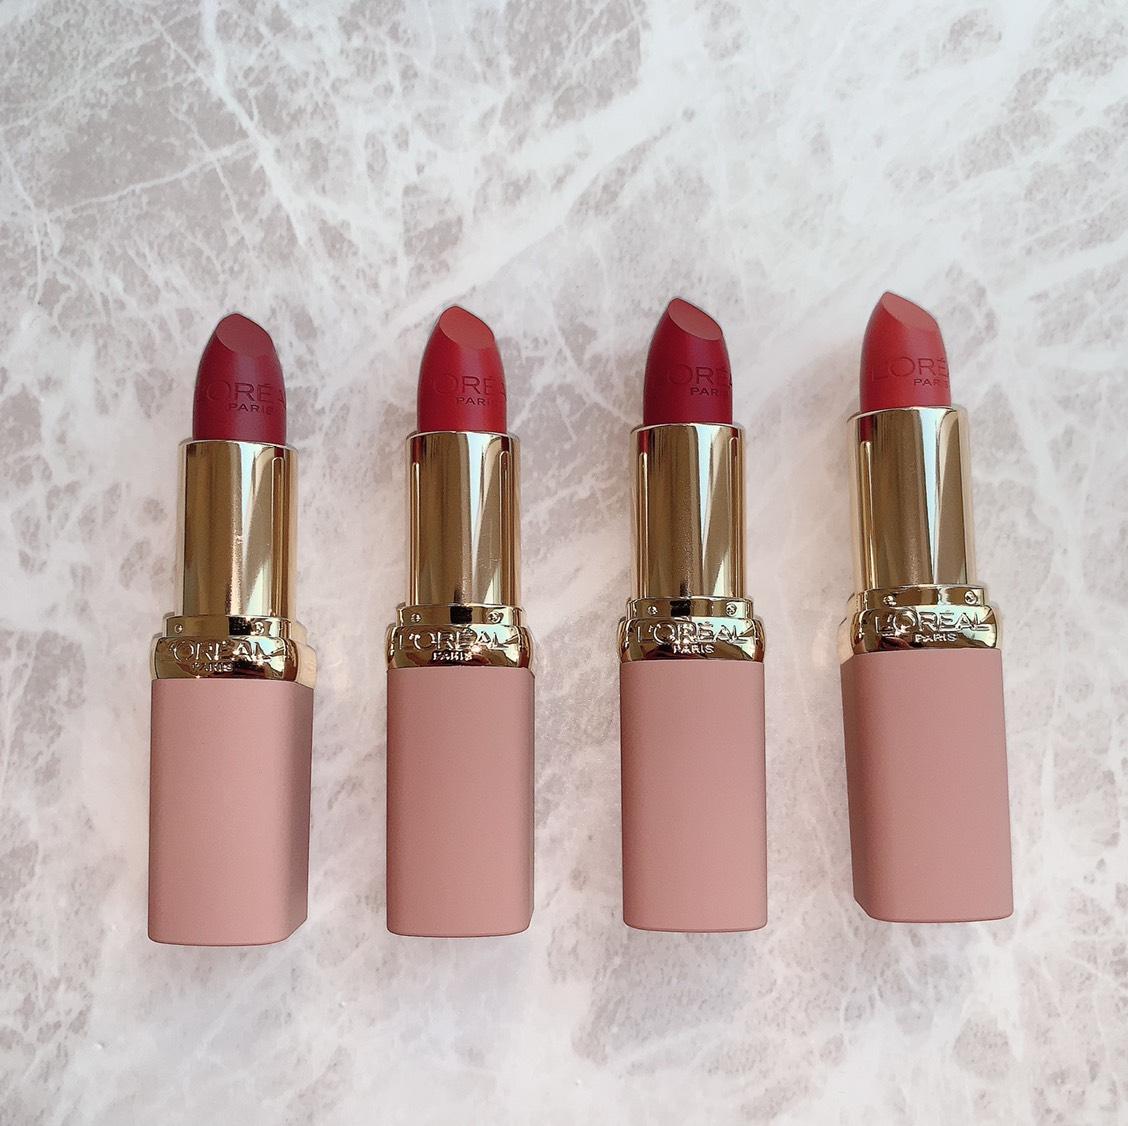 11月15日発売のロレアルパリ  モイストマットN ヌードフリーザコレクション 全8種のうちヌードブラウンカラーの4色をレポ♥️